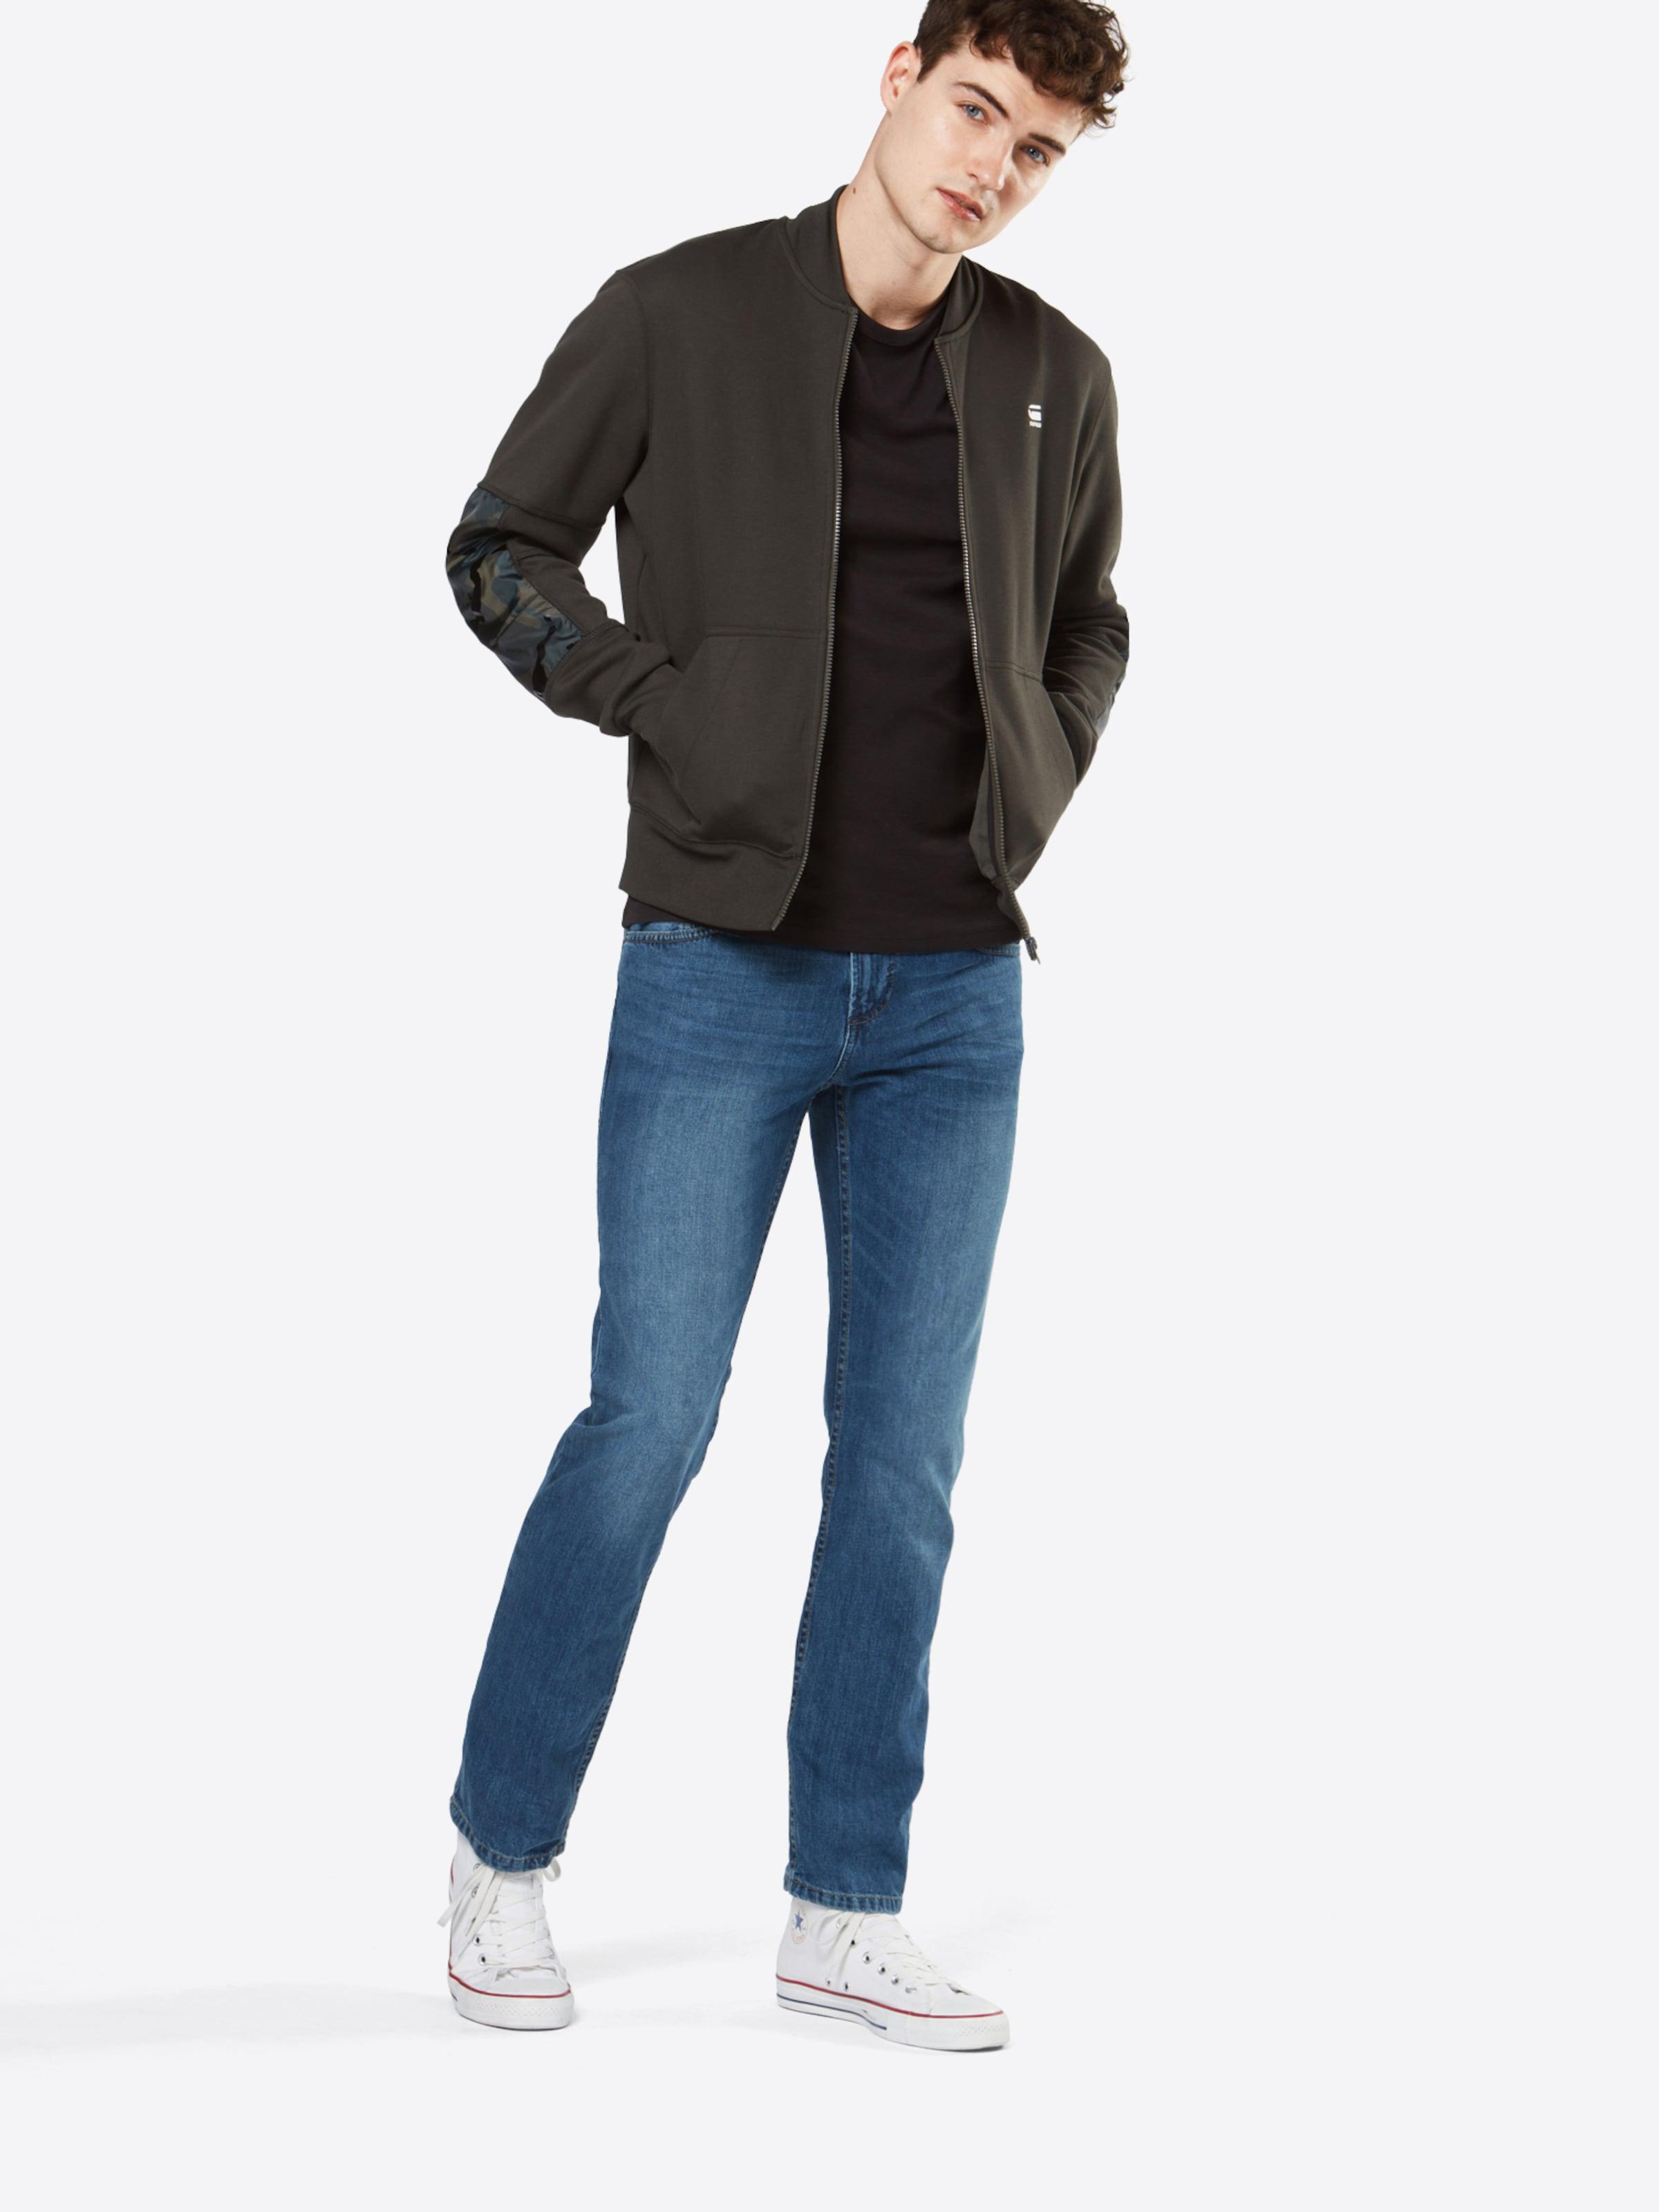 TOM TAILOR DENIM Jeans Bestseller Online Billig Verkauf Empfehlen Rabatt Amazon In Deutschland Billig 2018 Neuesten Zum Verkauf OHKPzp